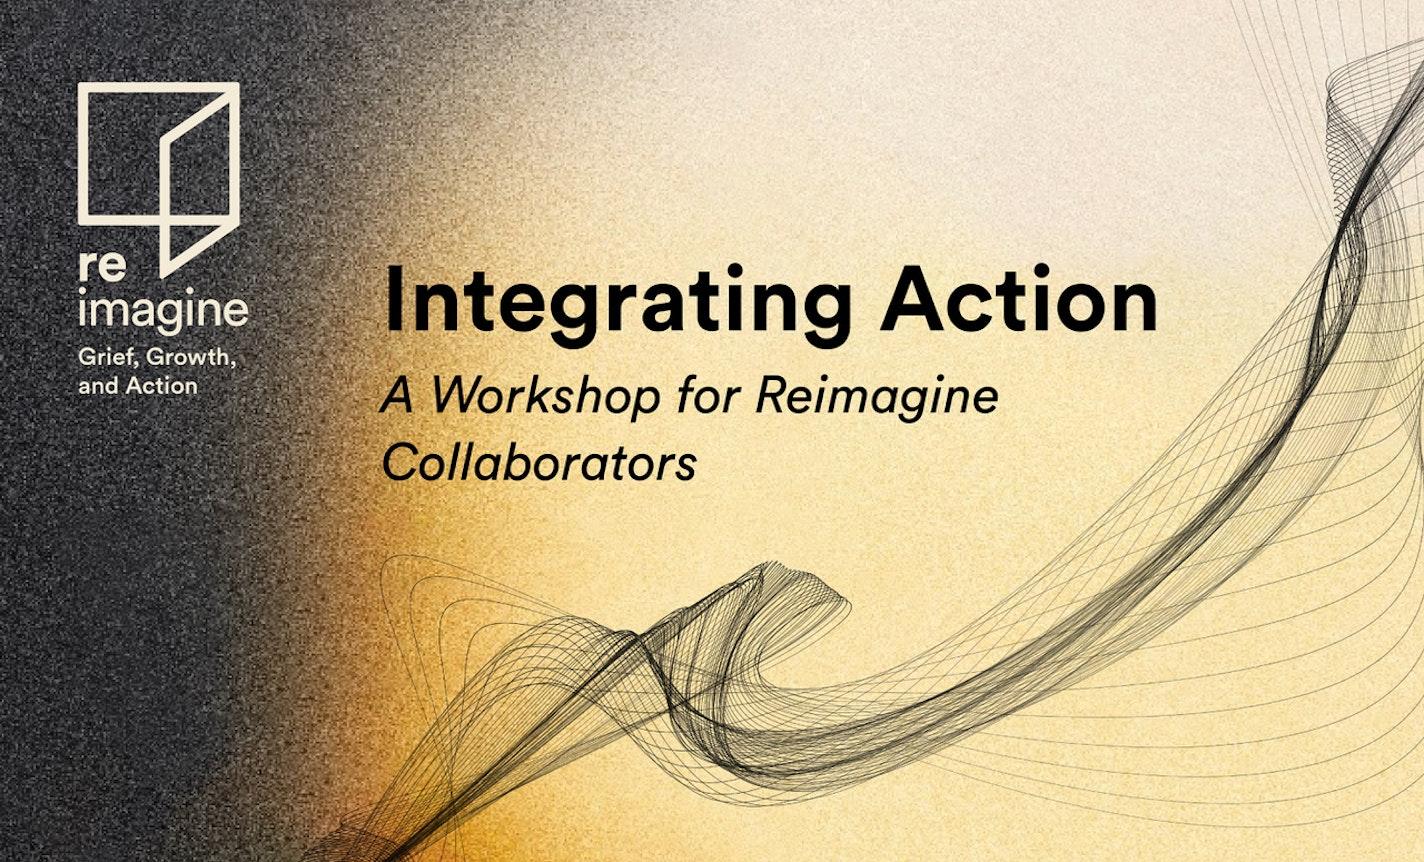 Integrating Action: A Workshop for Reimagine Collaborators